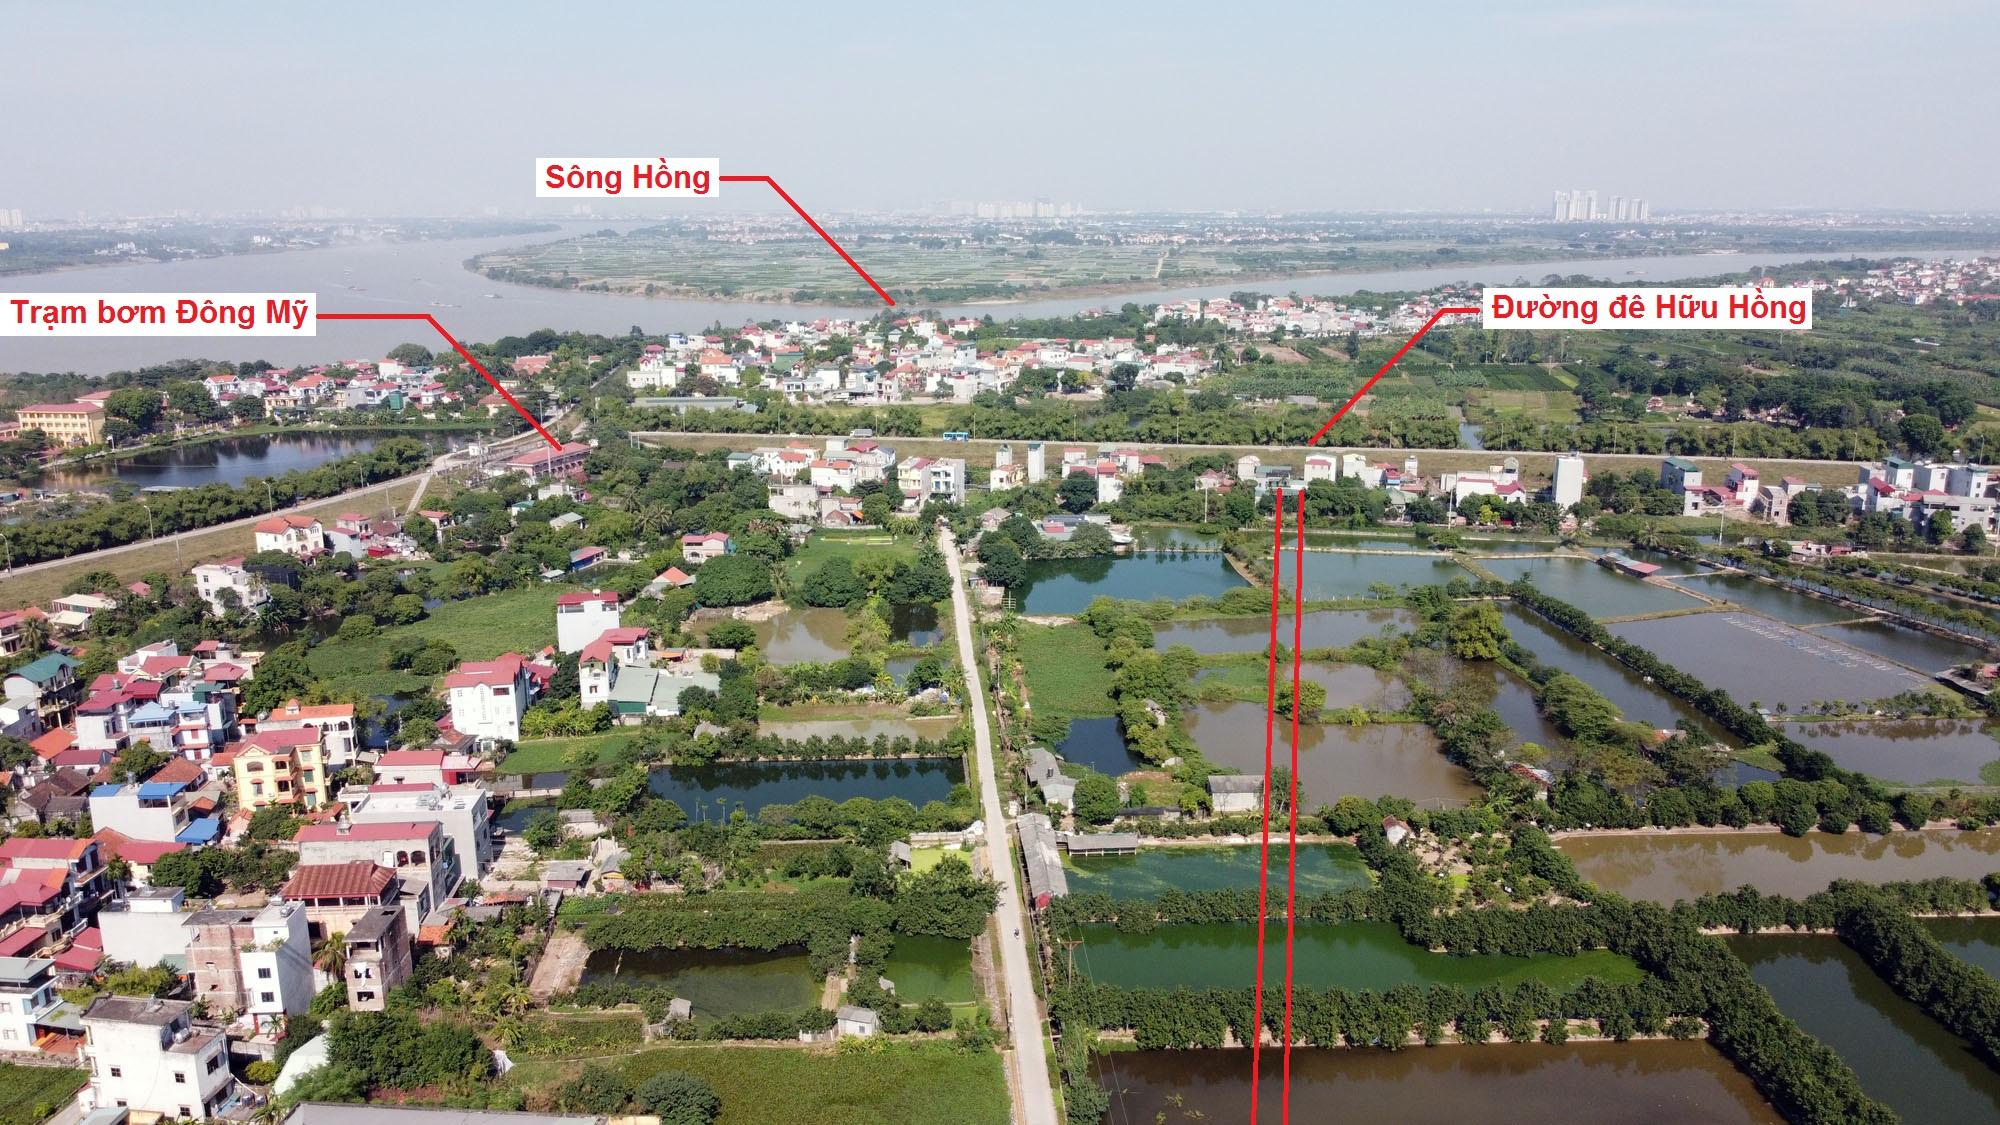 Ba đường sẽ mở theo quy hoạch ở xã Đông Mỹ, Thanh Trì, Hà Nội - Ảnh 7.